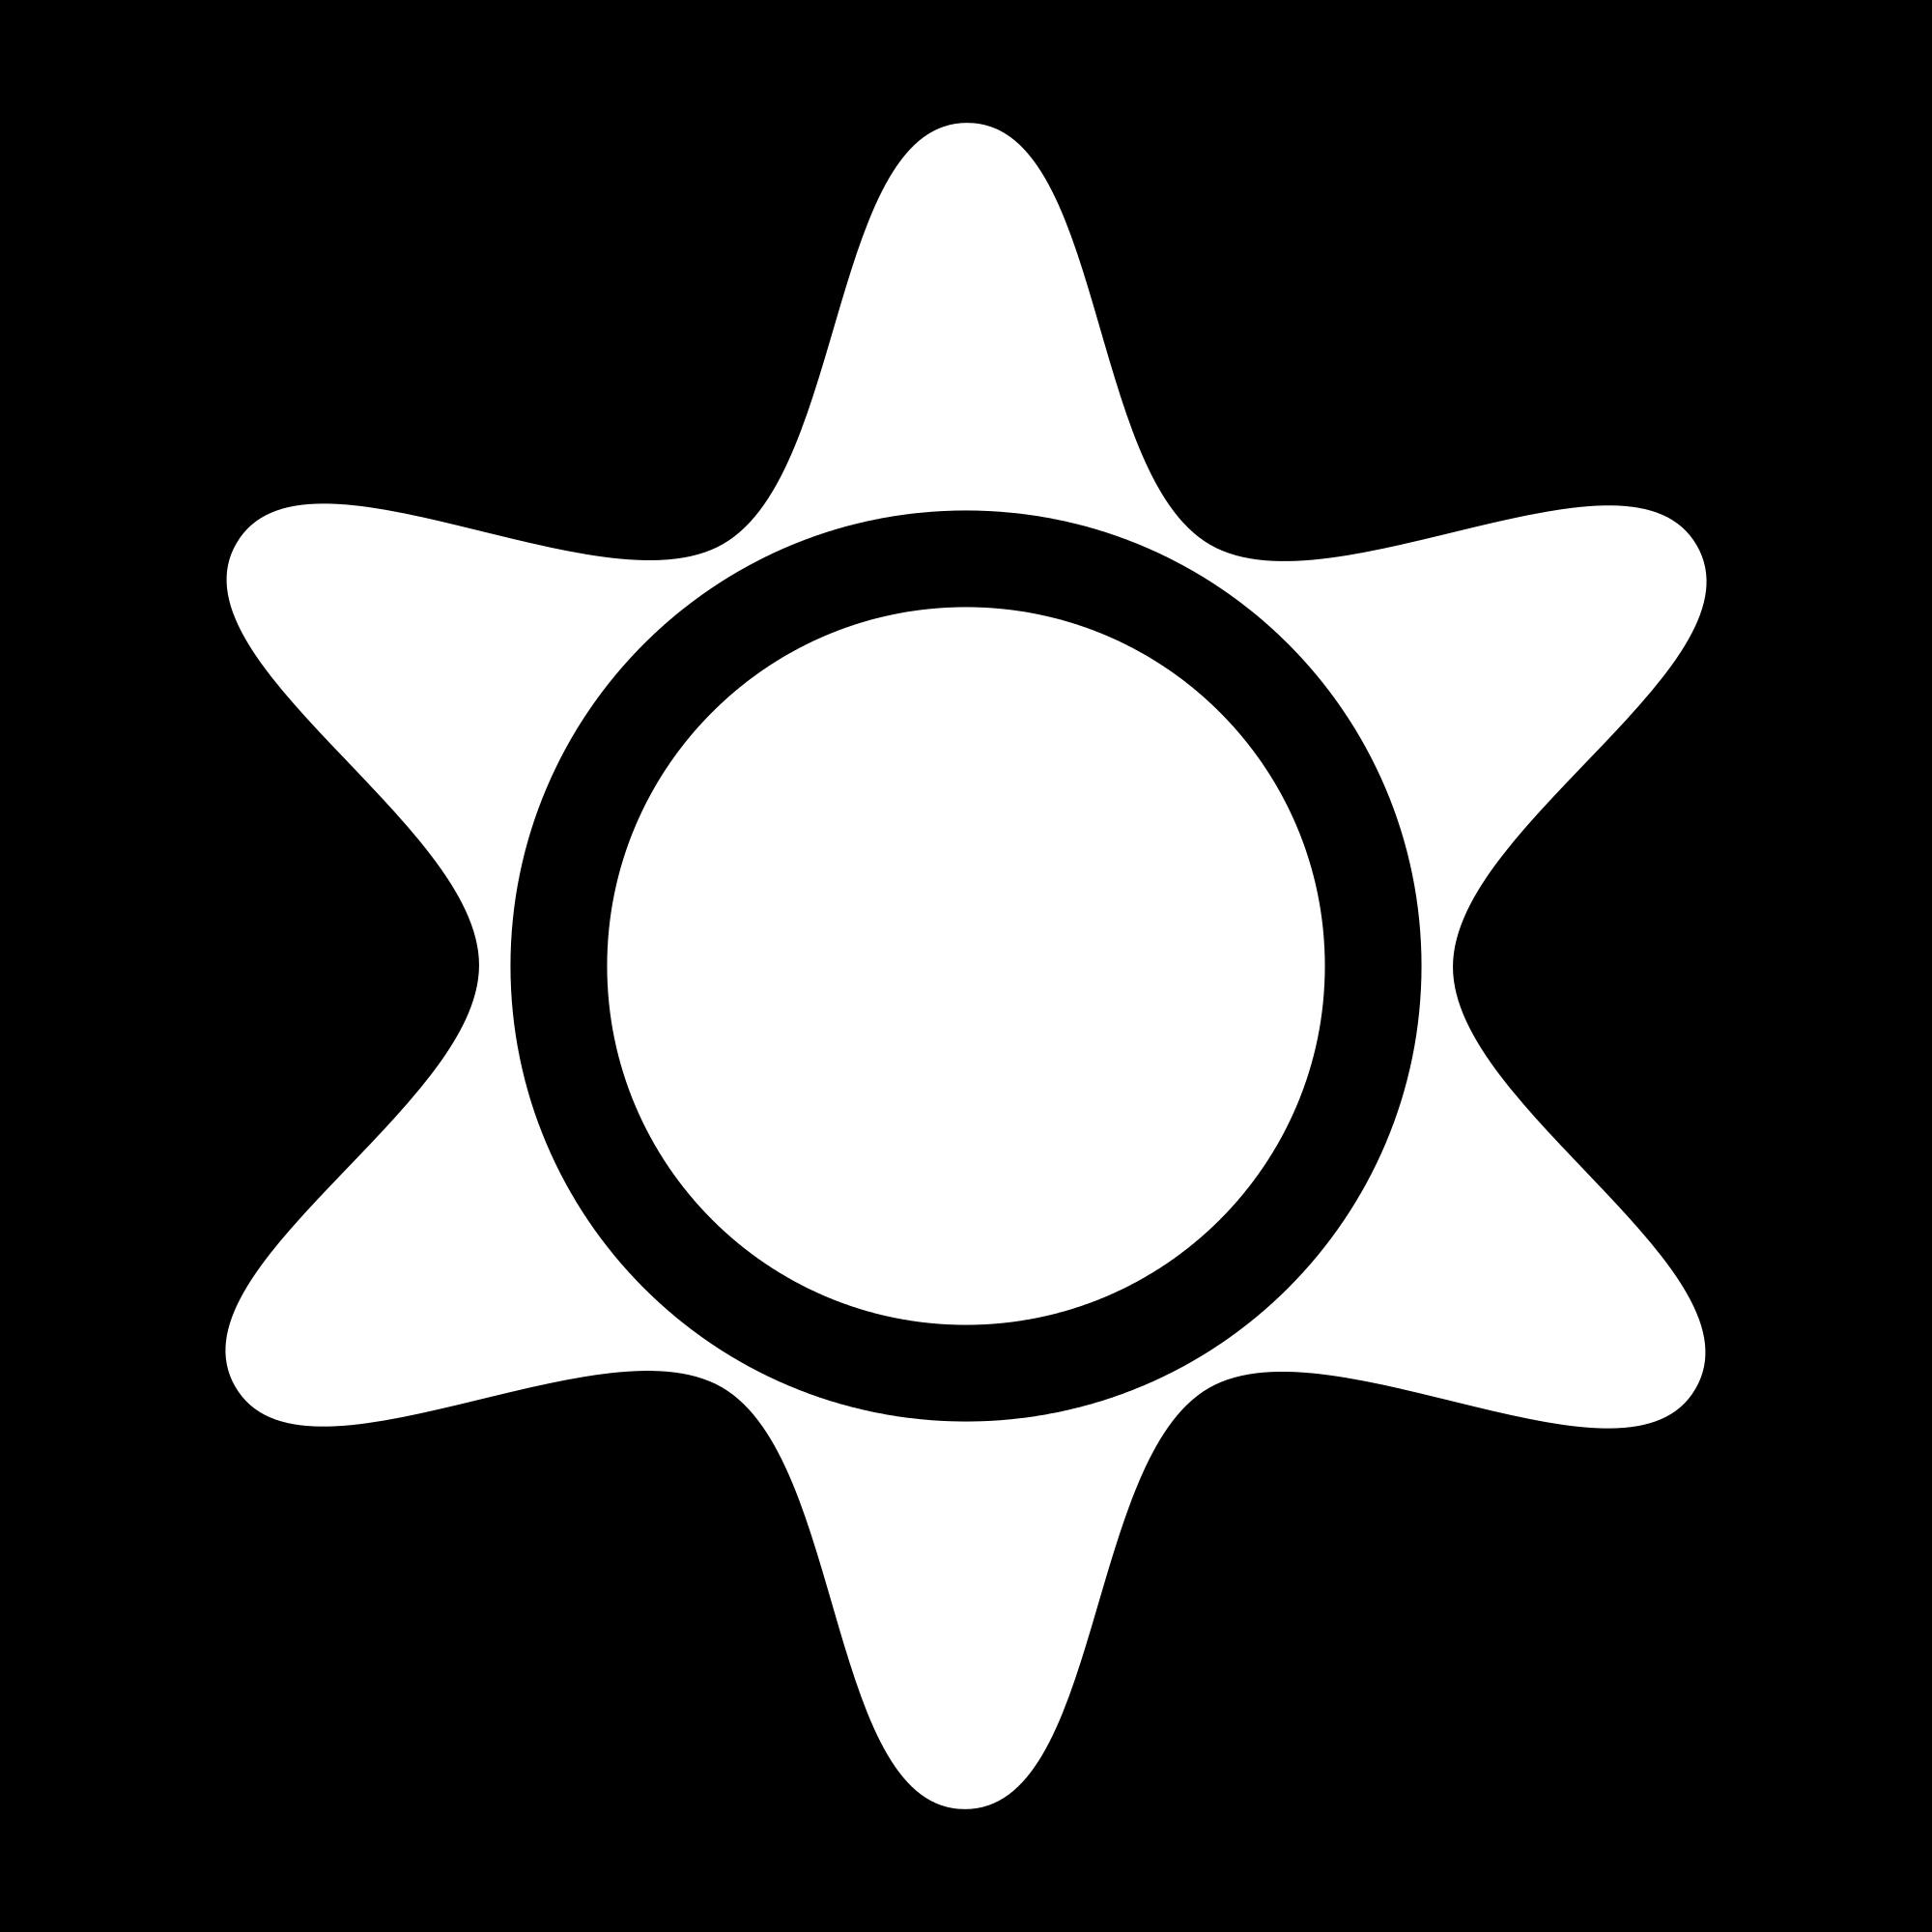 Screws clipart torx Wikimedia svg Commons Torx Head